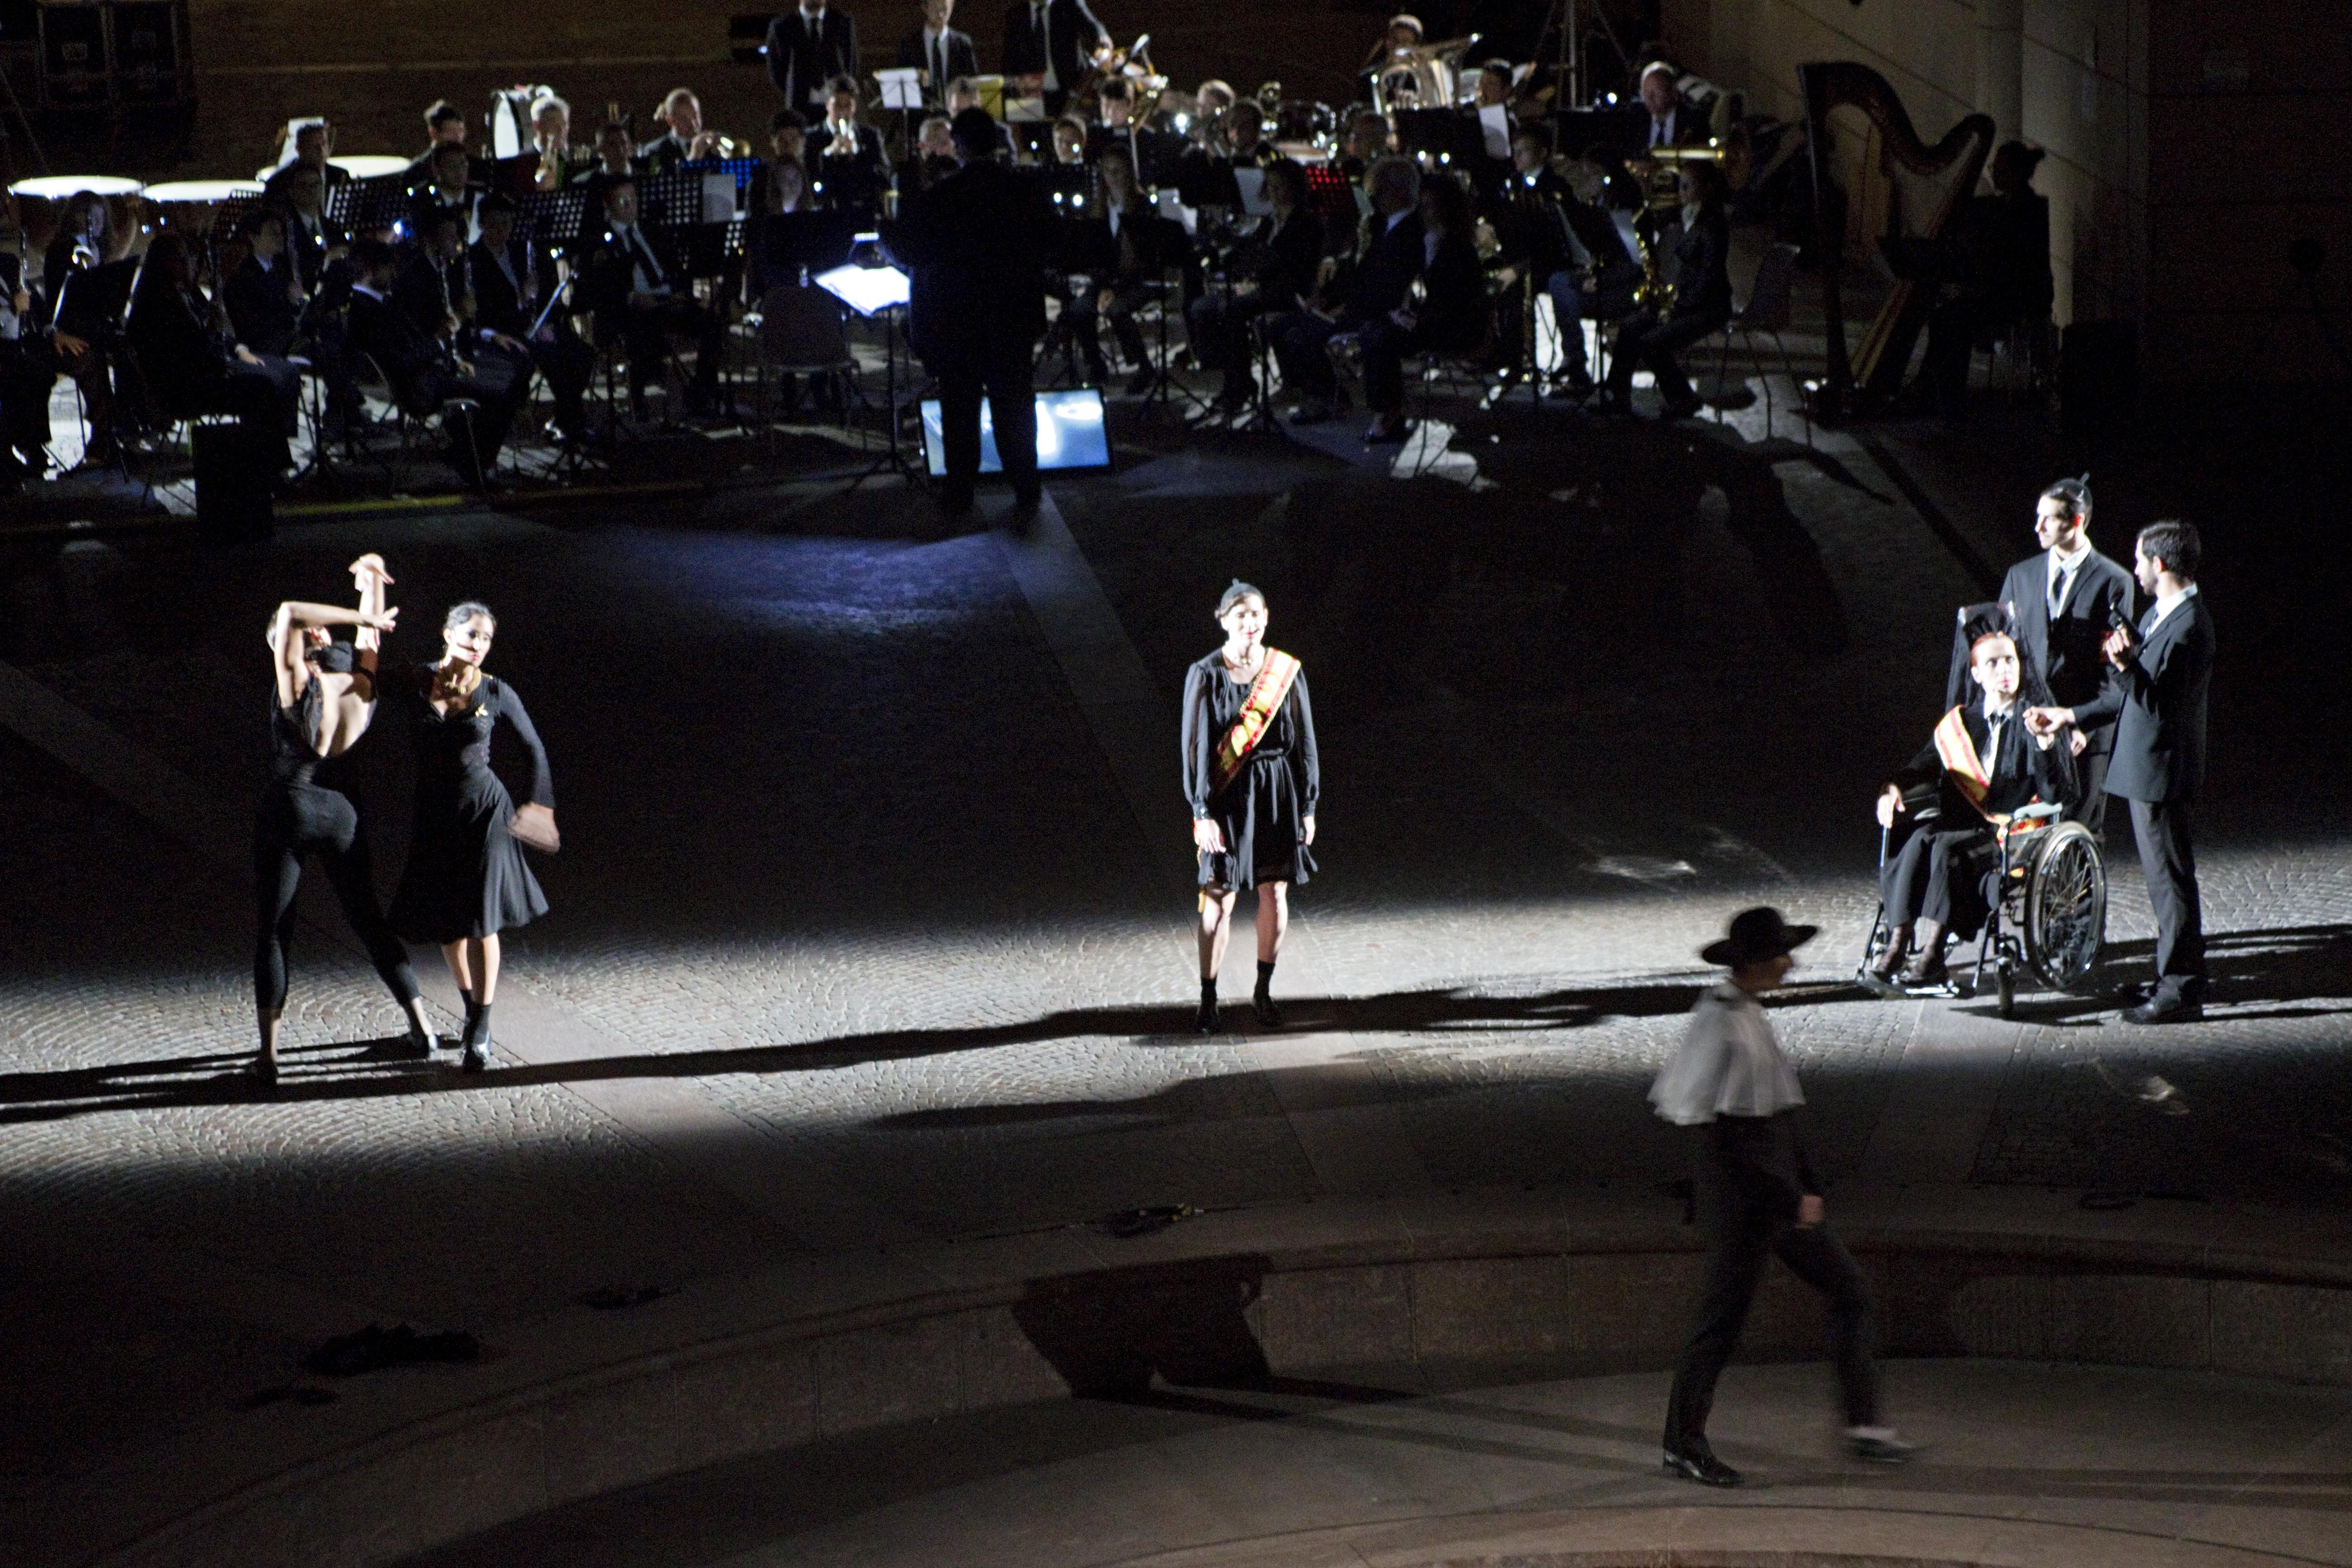 """Rovereto, """"Los Pajaros Muertos"""". Le figure centrali sono illuminate di taglio da entrambi i lati da quattro sagomatori che formano una strada di luce che percorre tutta la larghezza del palcoscenico, la figura in primo piano è illuminata debolmente da tre PC da tre direzioni diverse. L'orchestra ha un controluce di fresnel ed il maestro ha un piccolo taglio di luce blu. Tutti gli apparecchi di illuminazione hanno gelatine 201 Lee (courtesy photo: Sandra Raccanello)"""